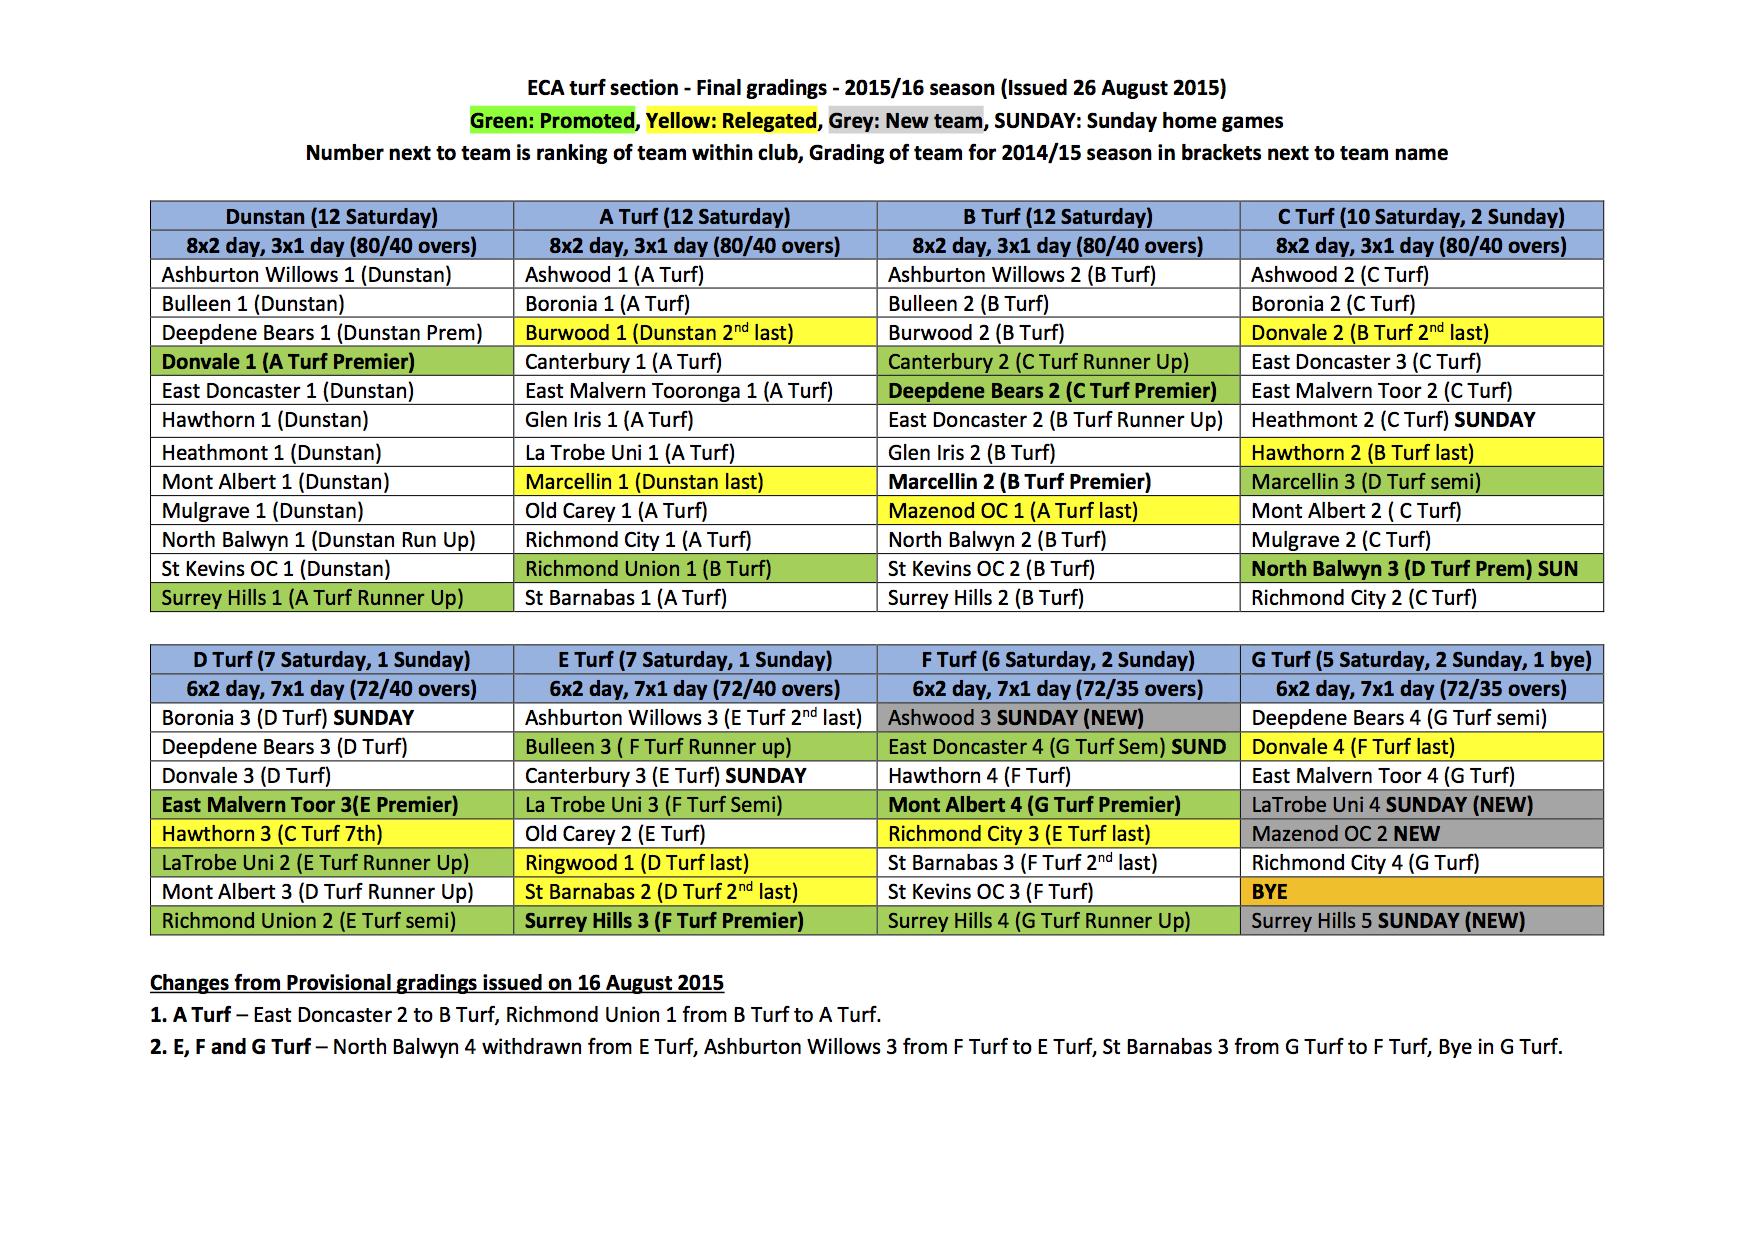 ECA Turf Season 2015/16 Final Gradings